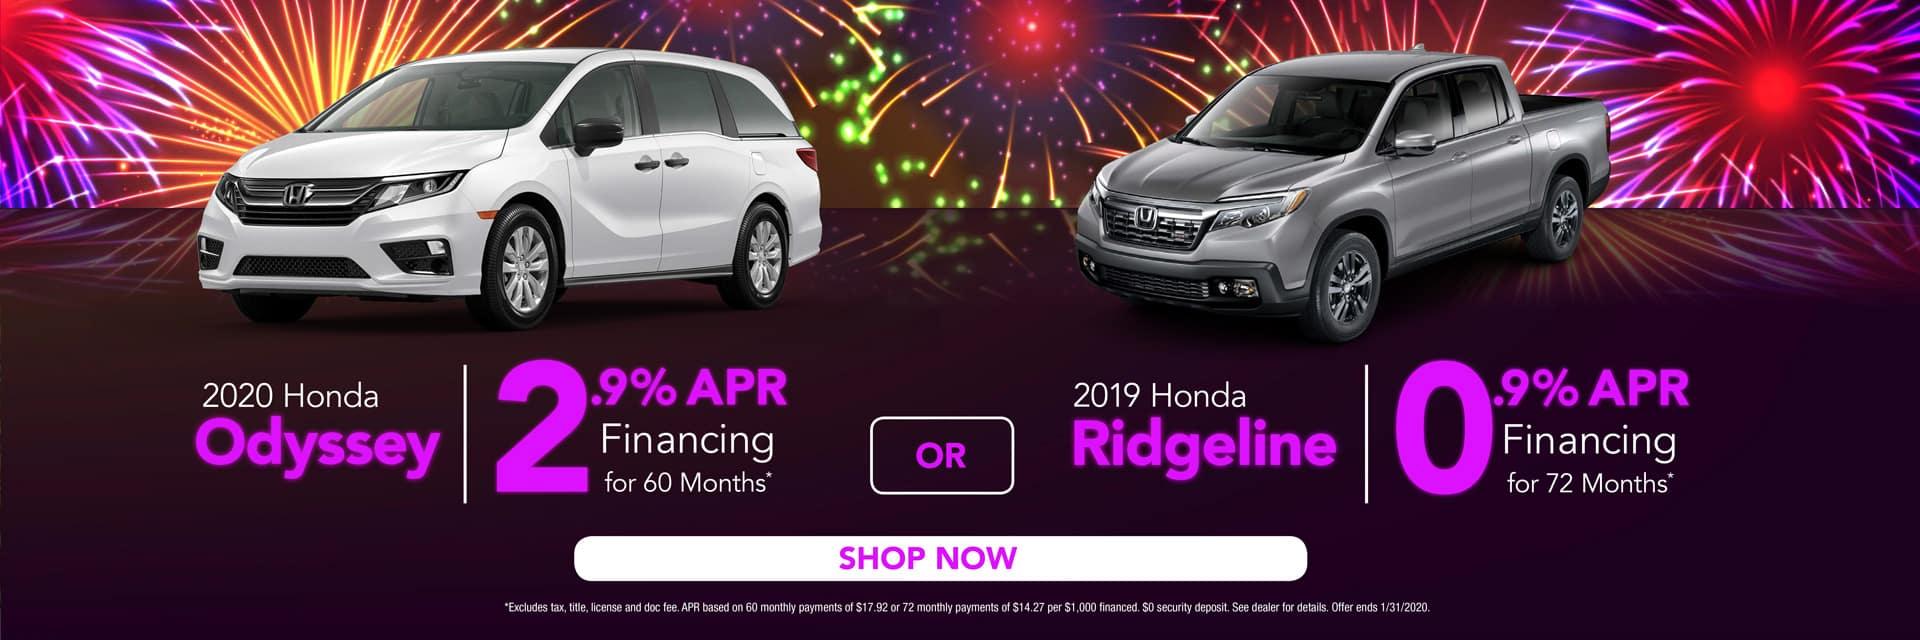 Odyssey & Ridgeline Lease Offers